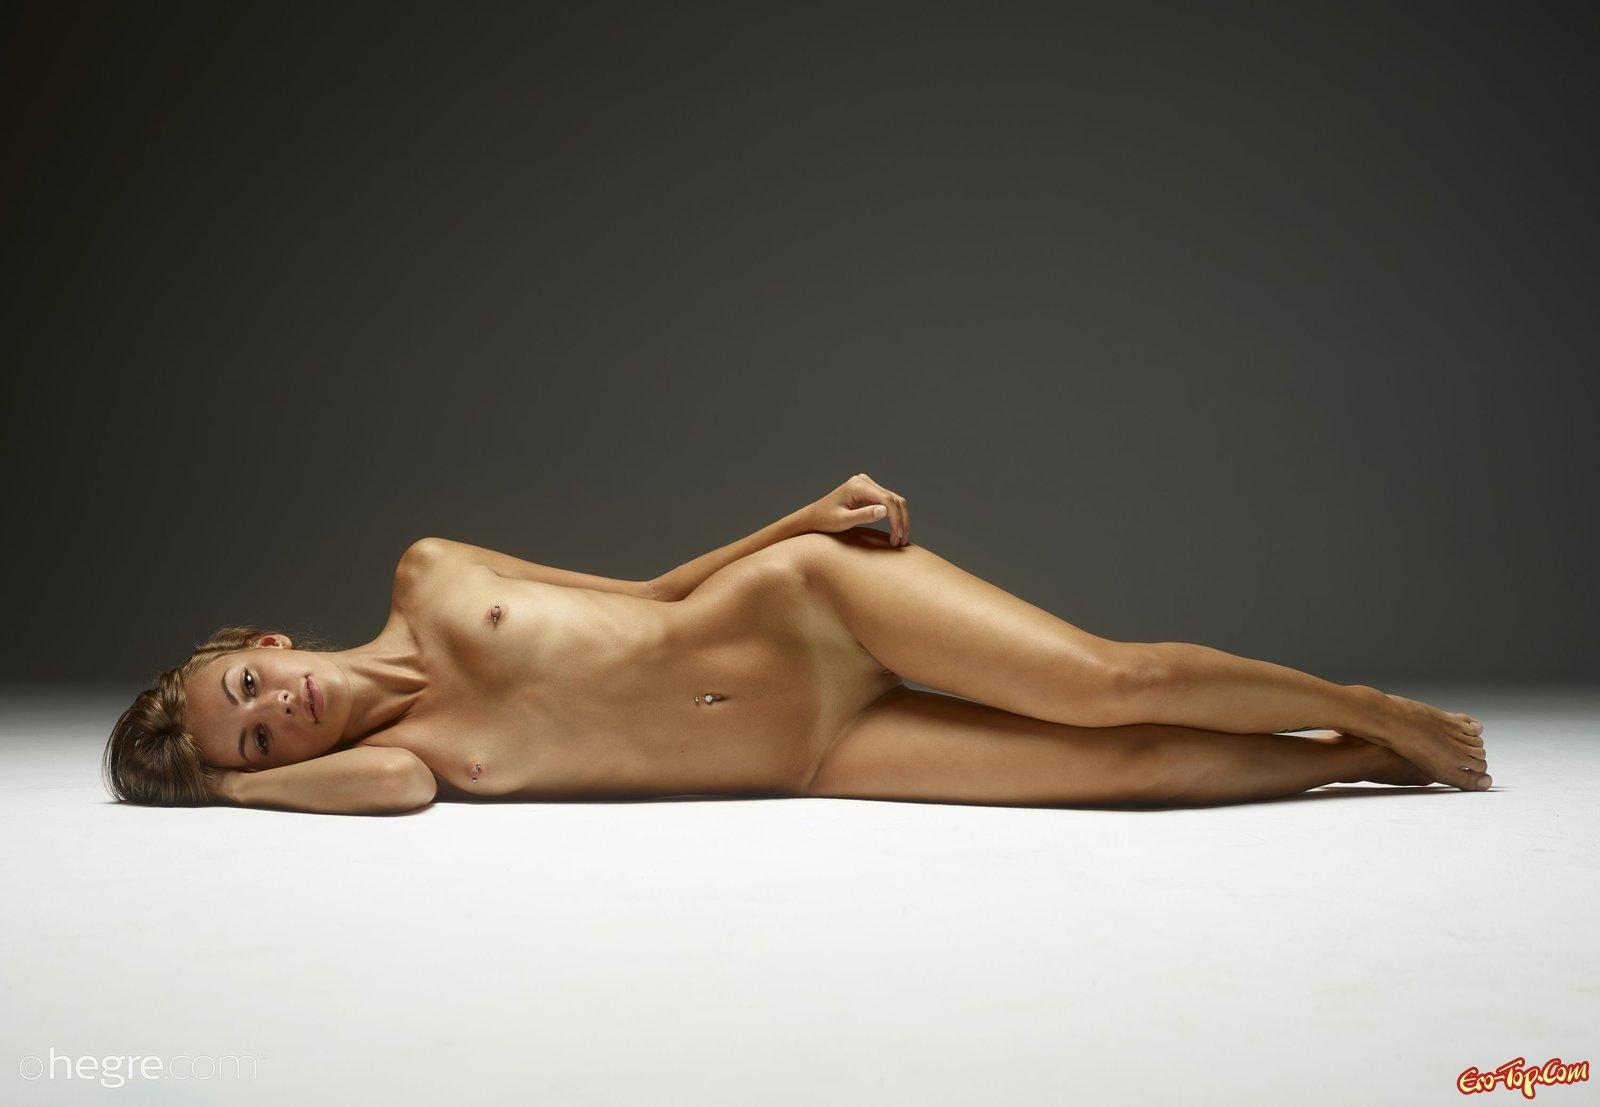 Симпатичная худощавая модель валяется голой на полу